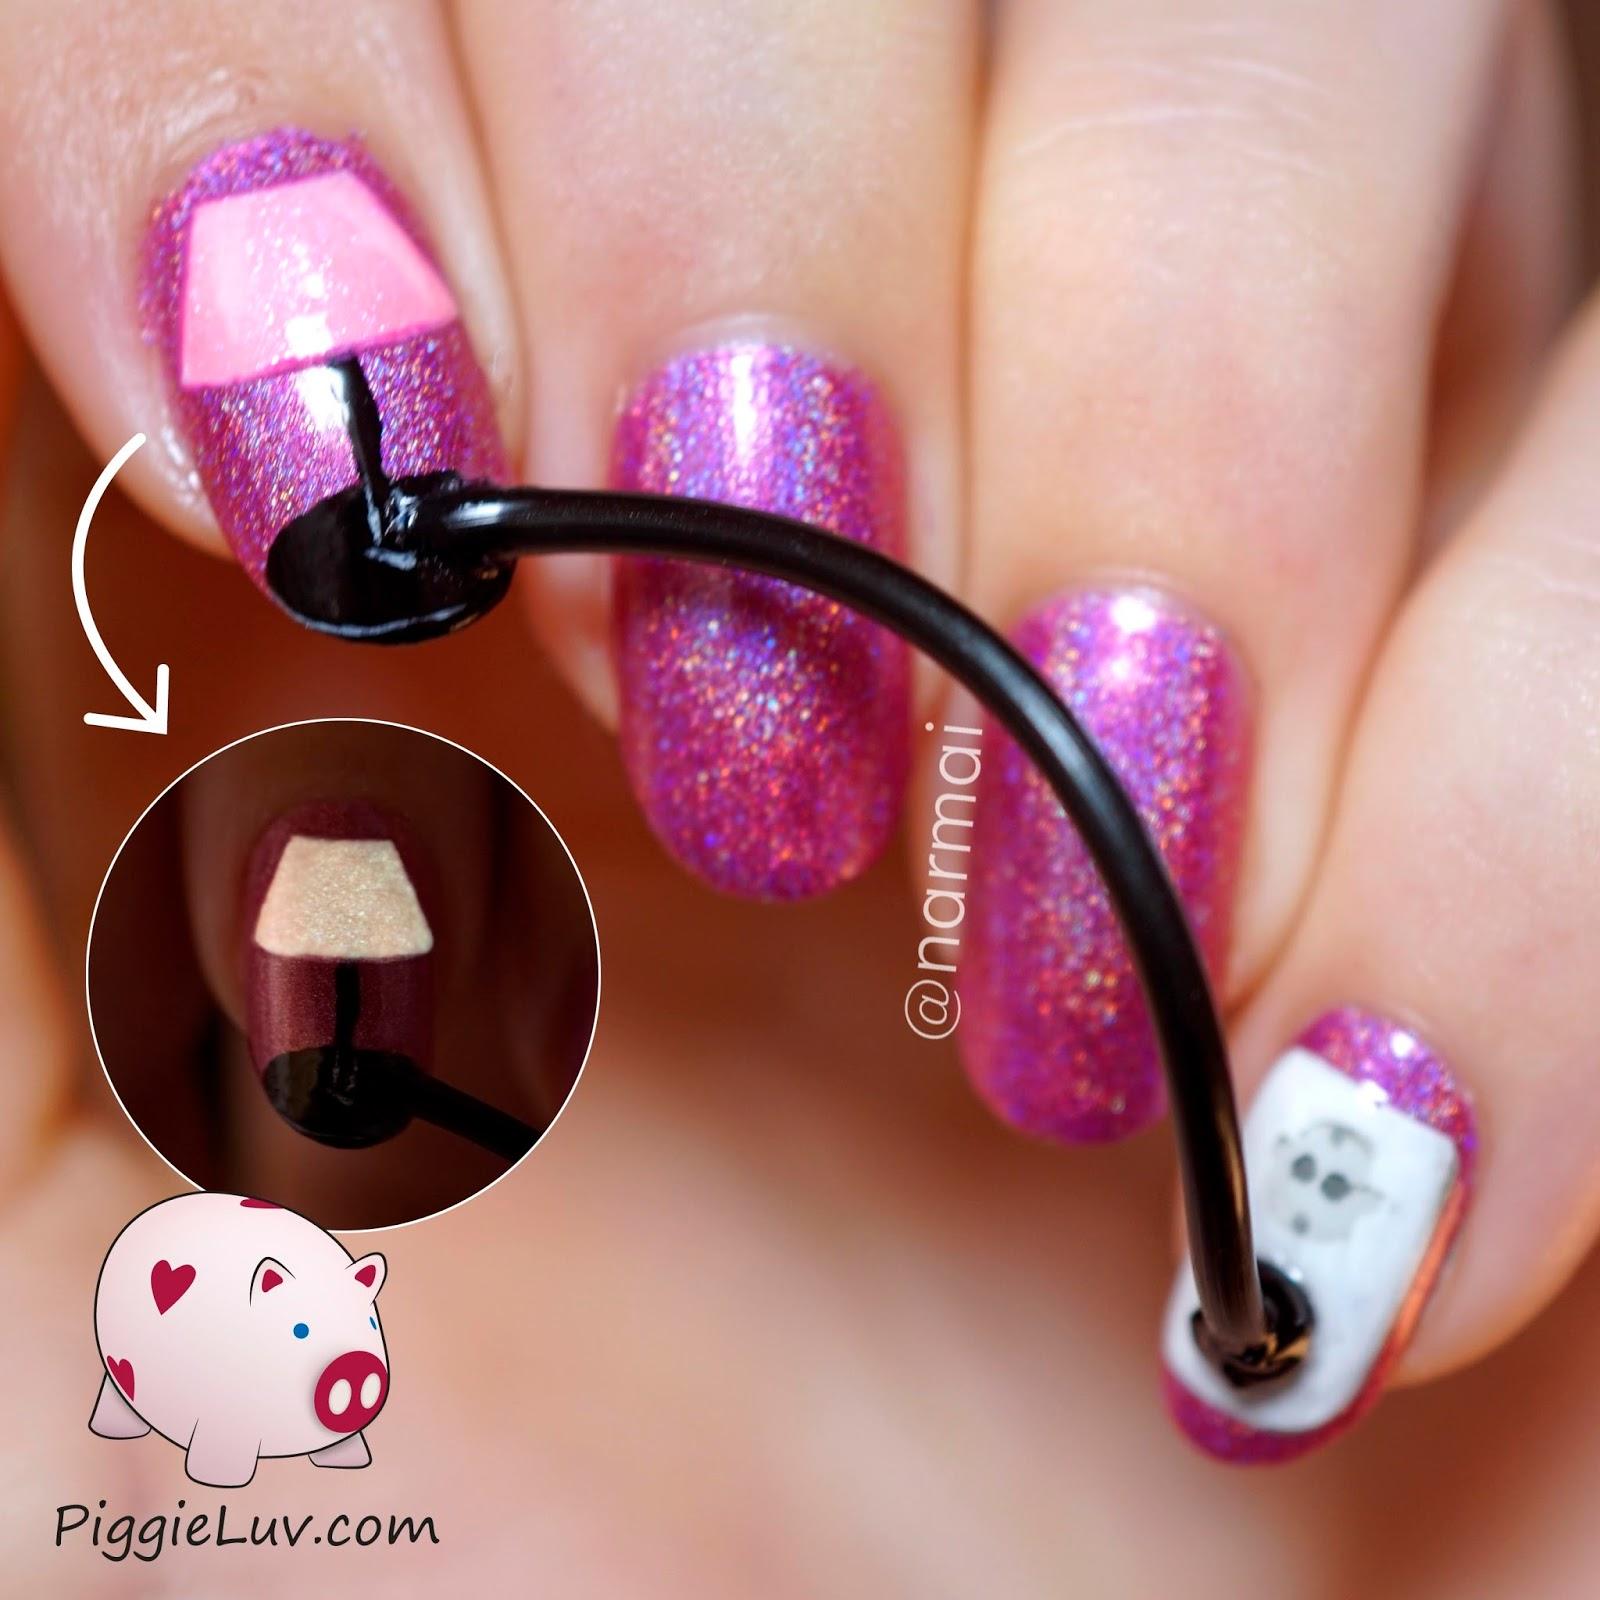 Piggieluv Plugged In Nail Art